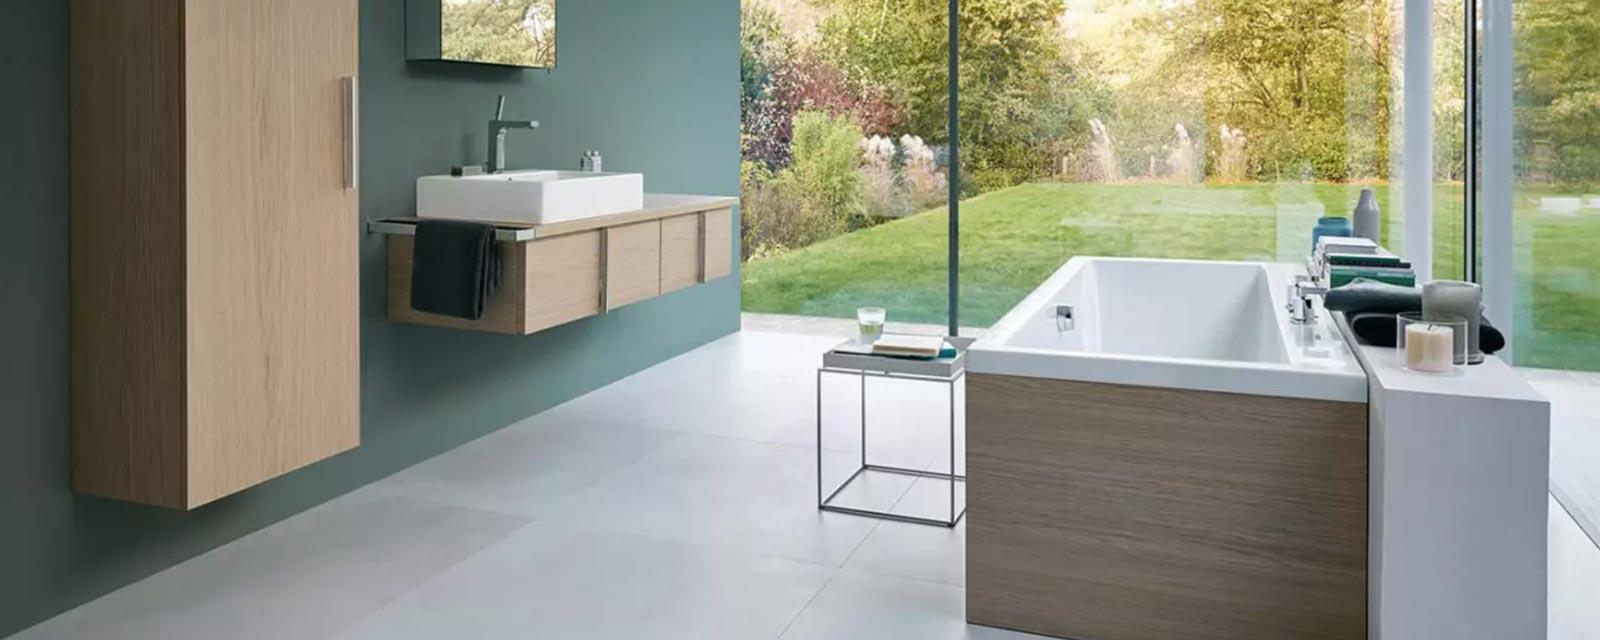 Moderniser Salle De Bain des carreaux grand format pour moderniser la salle de bains